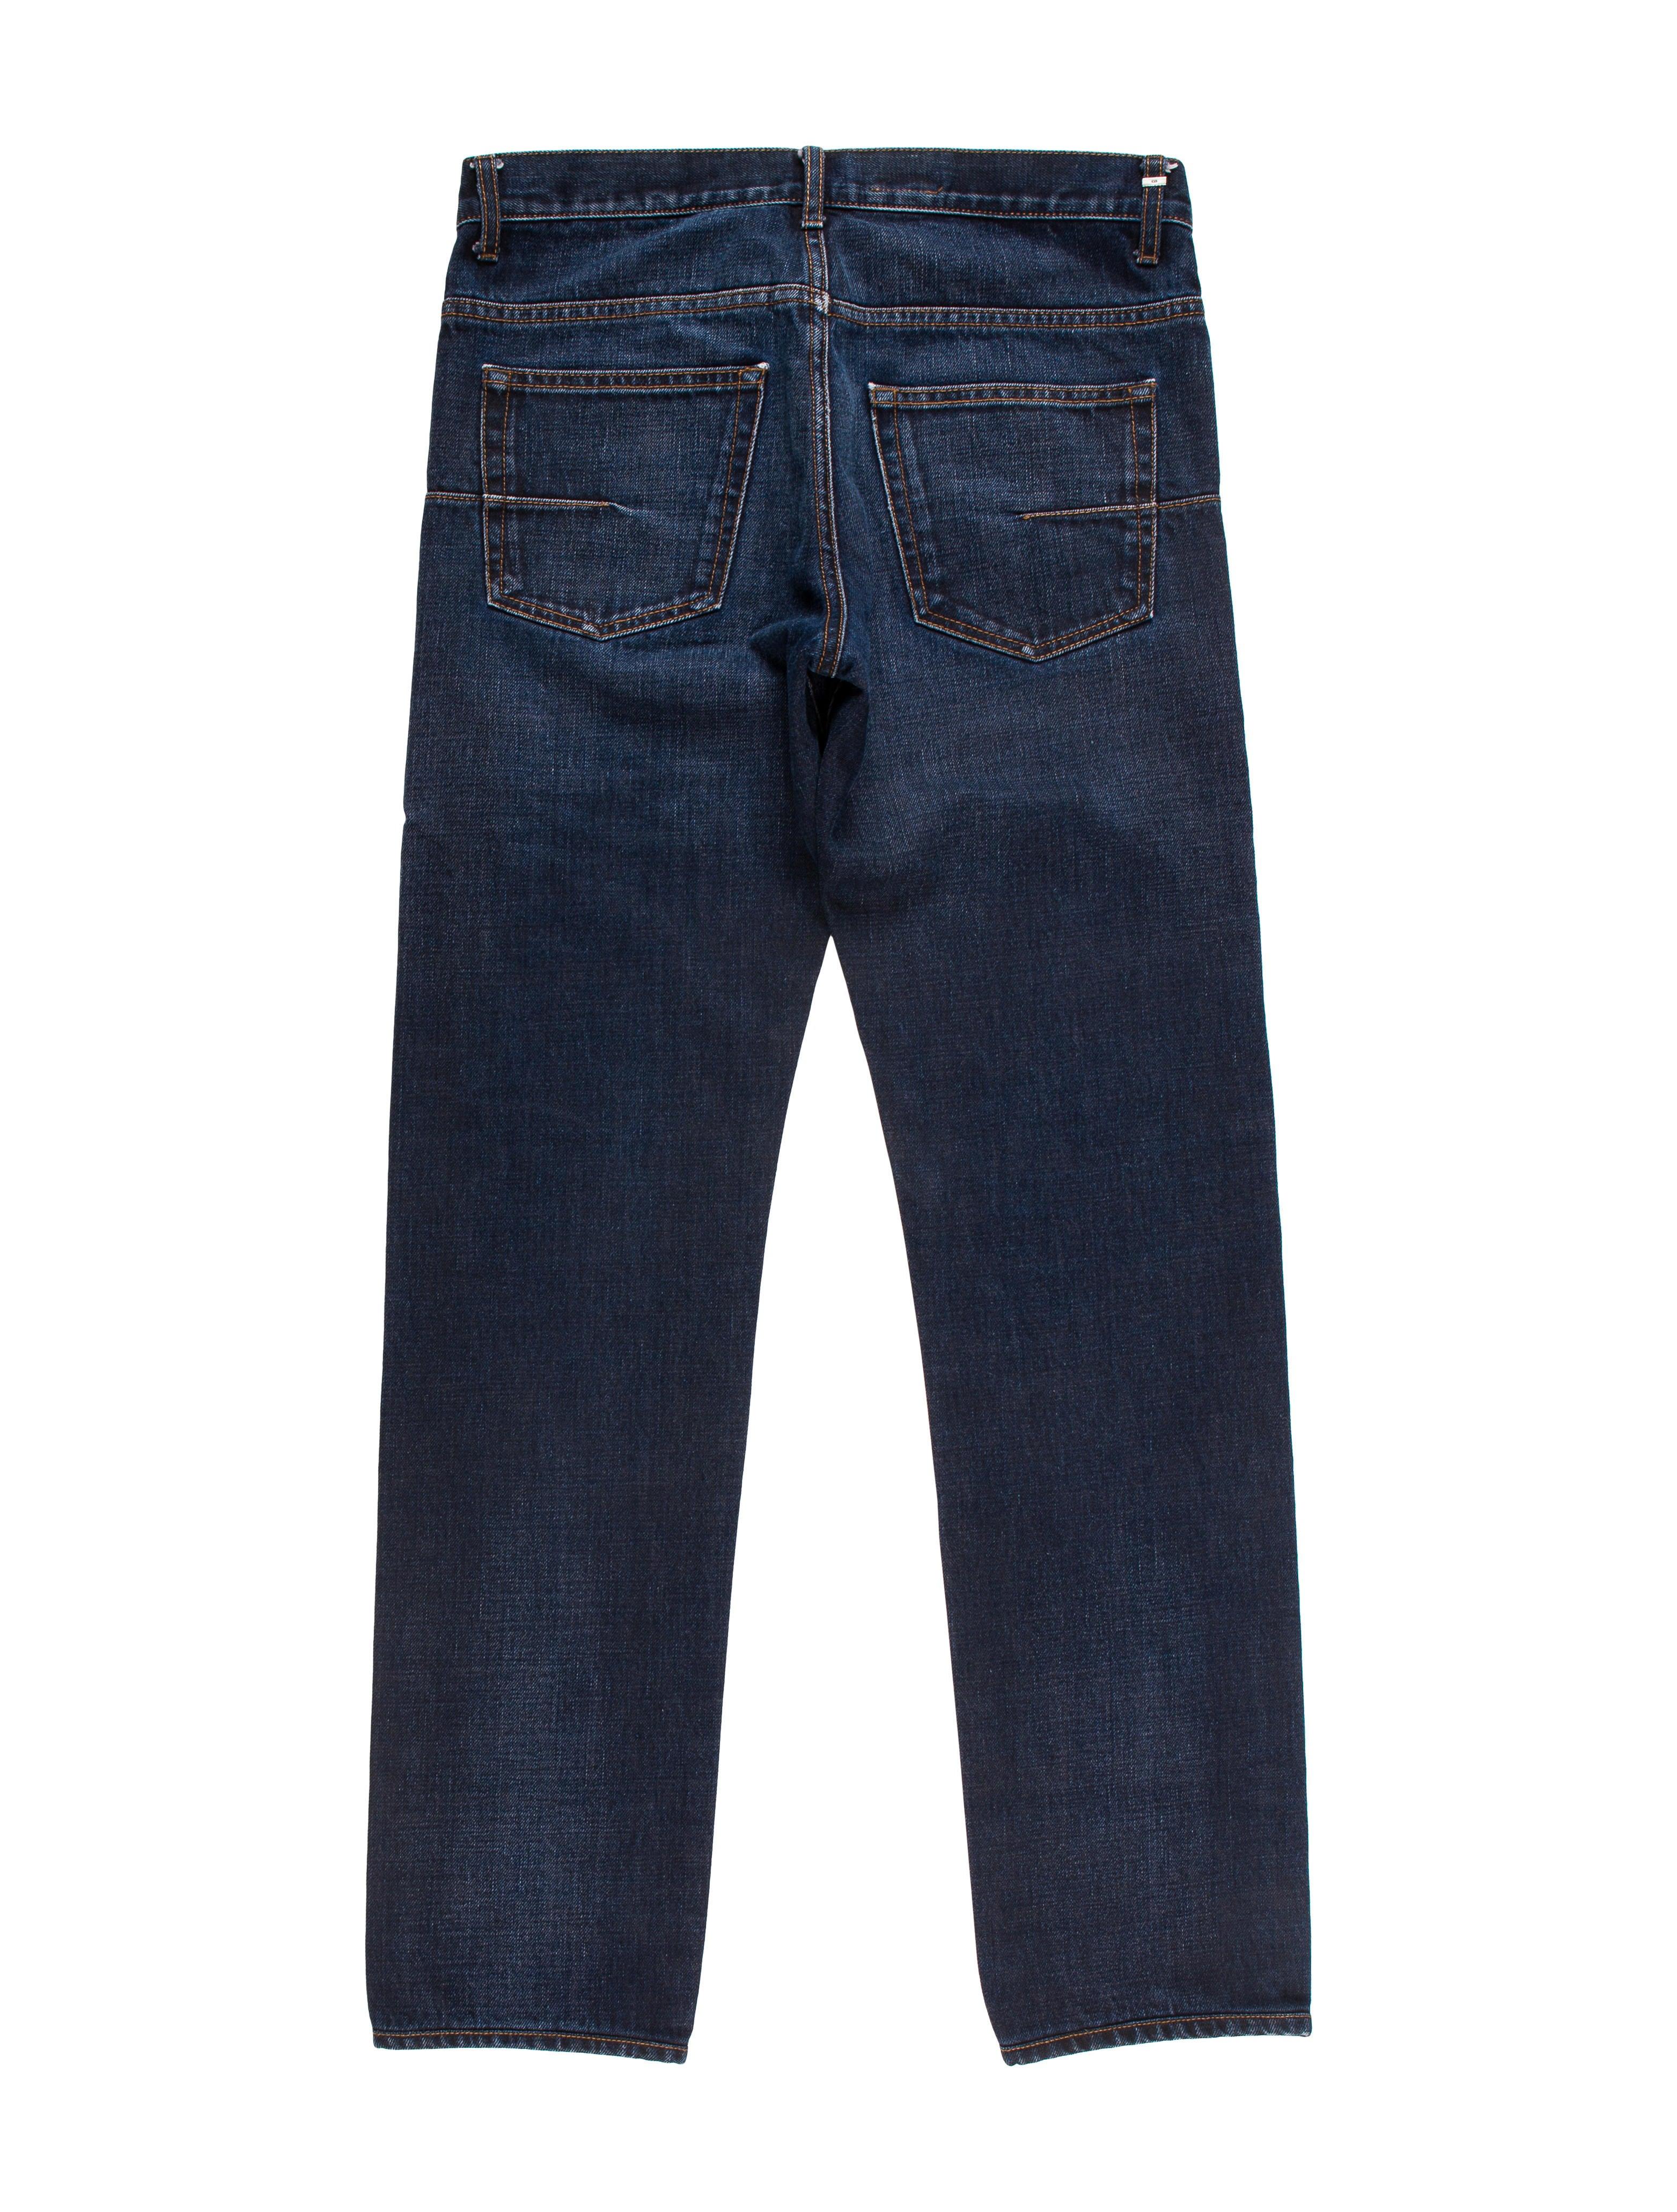 dior homme 2016 five pocket skinny jeans clothing. Black Bedroom Furniture Sets. Home Design Ideas